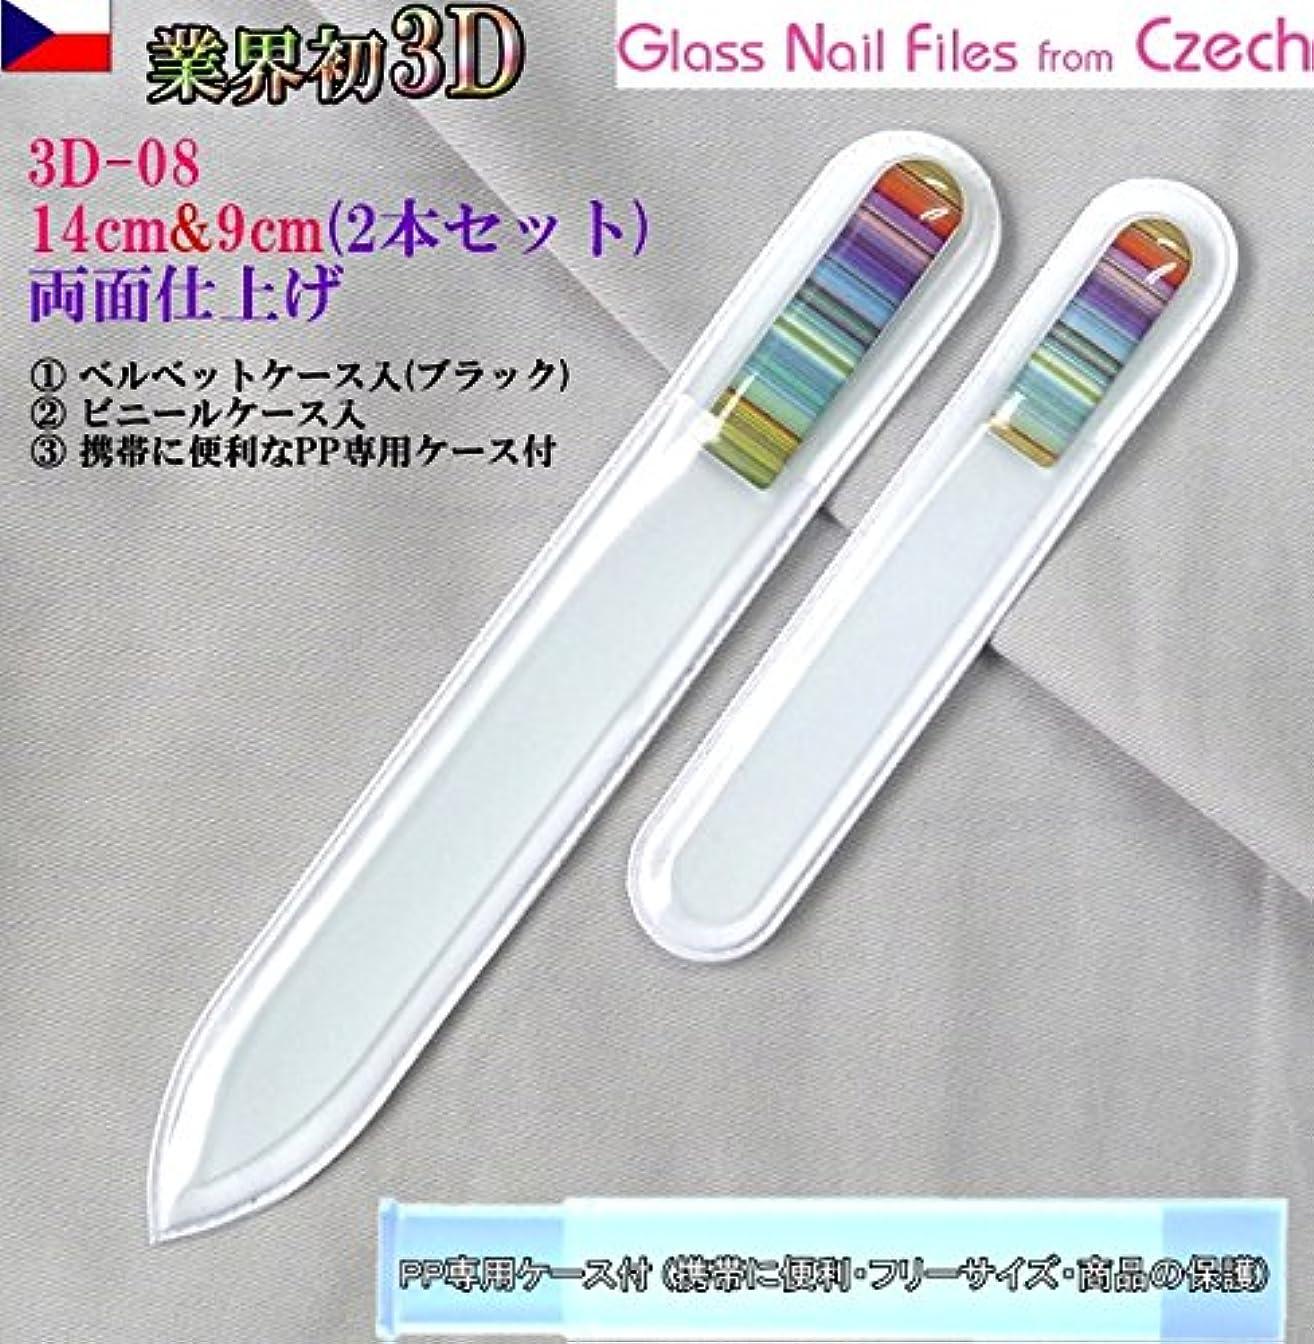 乙女誤してはいけないBISON 3D チェコ製ガラス爪ヤスリ 2Pセット M08&S08各両面仕上げ ?専用ケース付